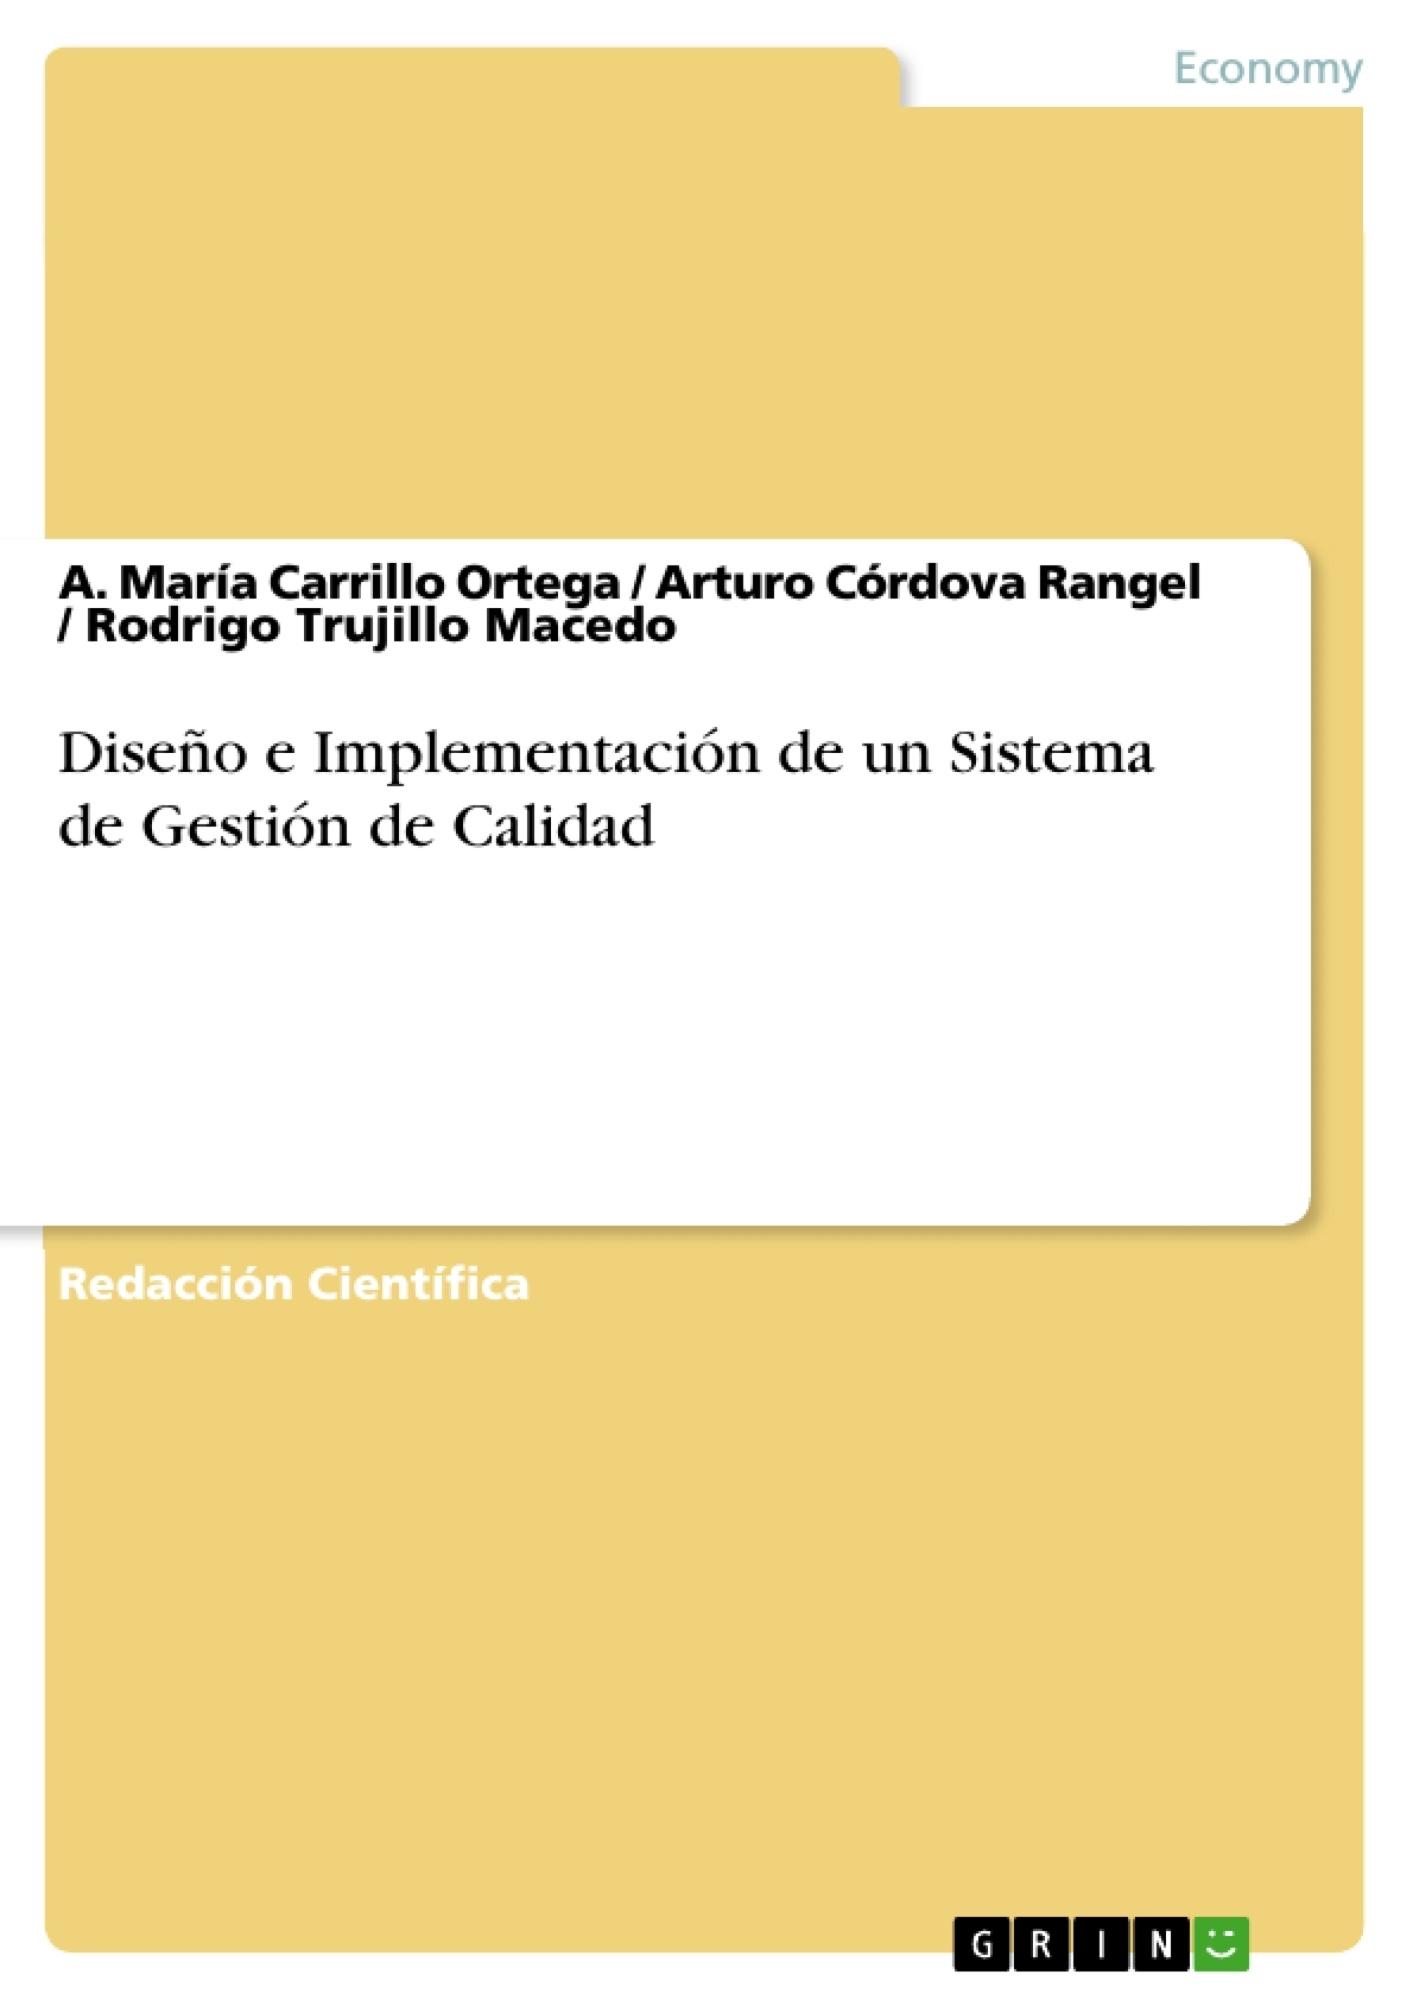 Título: Diseño e Implementación de un Sistema de Gestión de Calidad